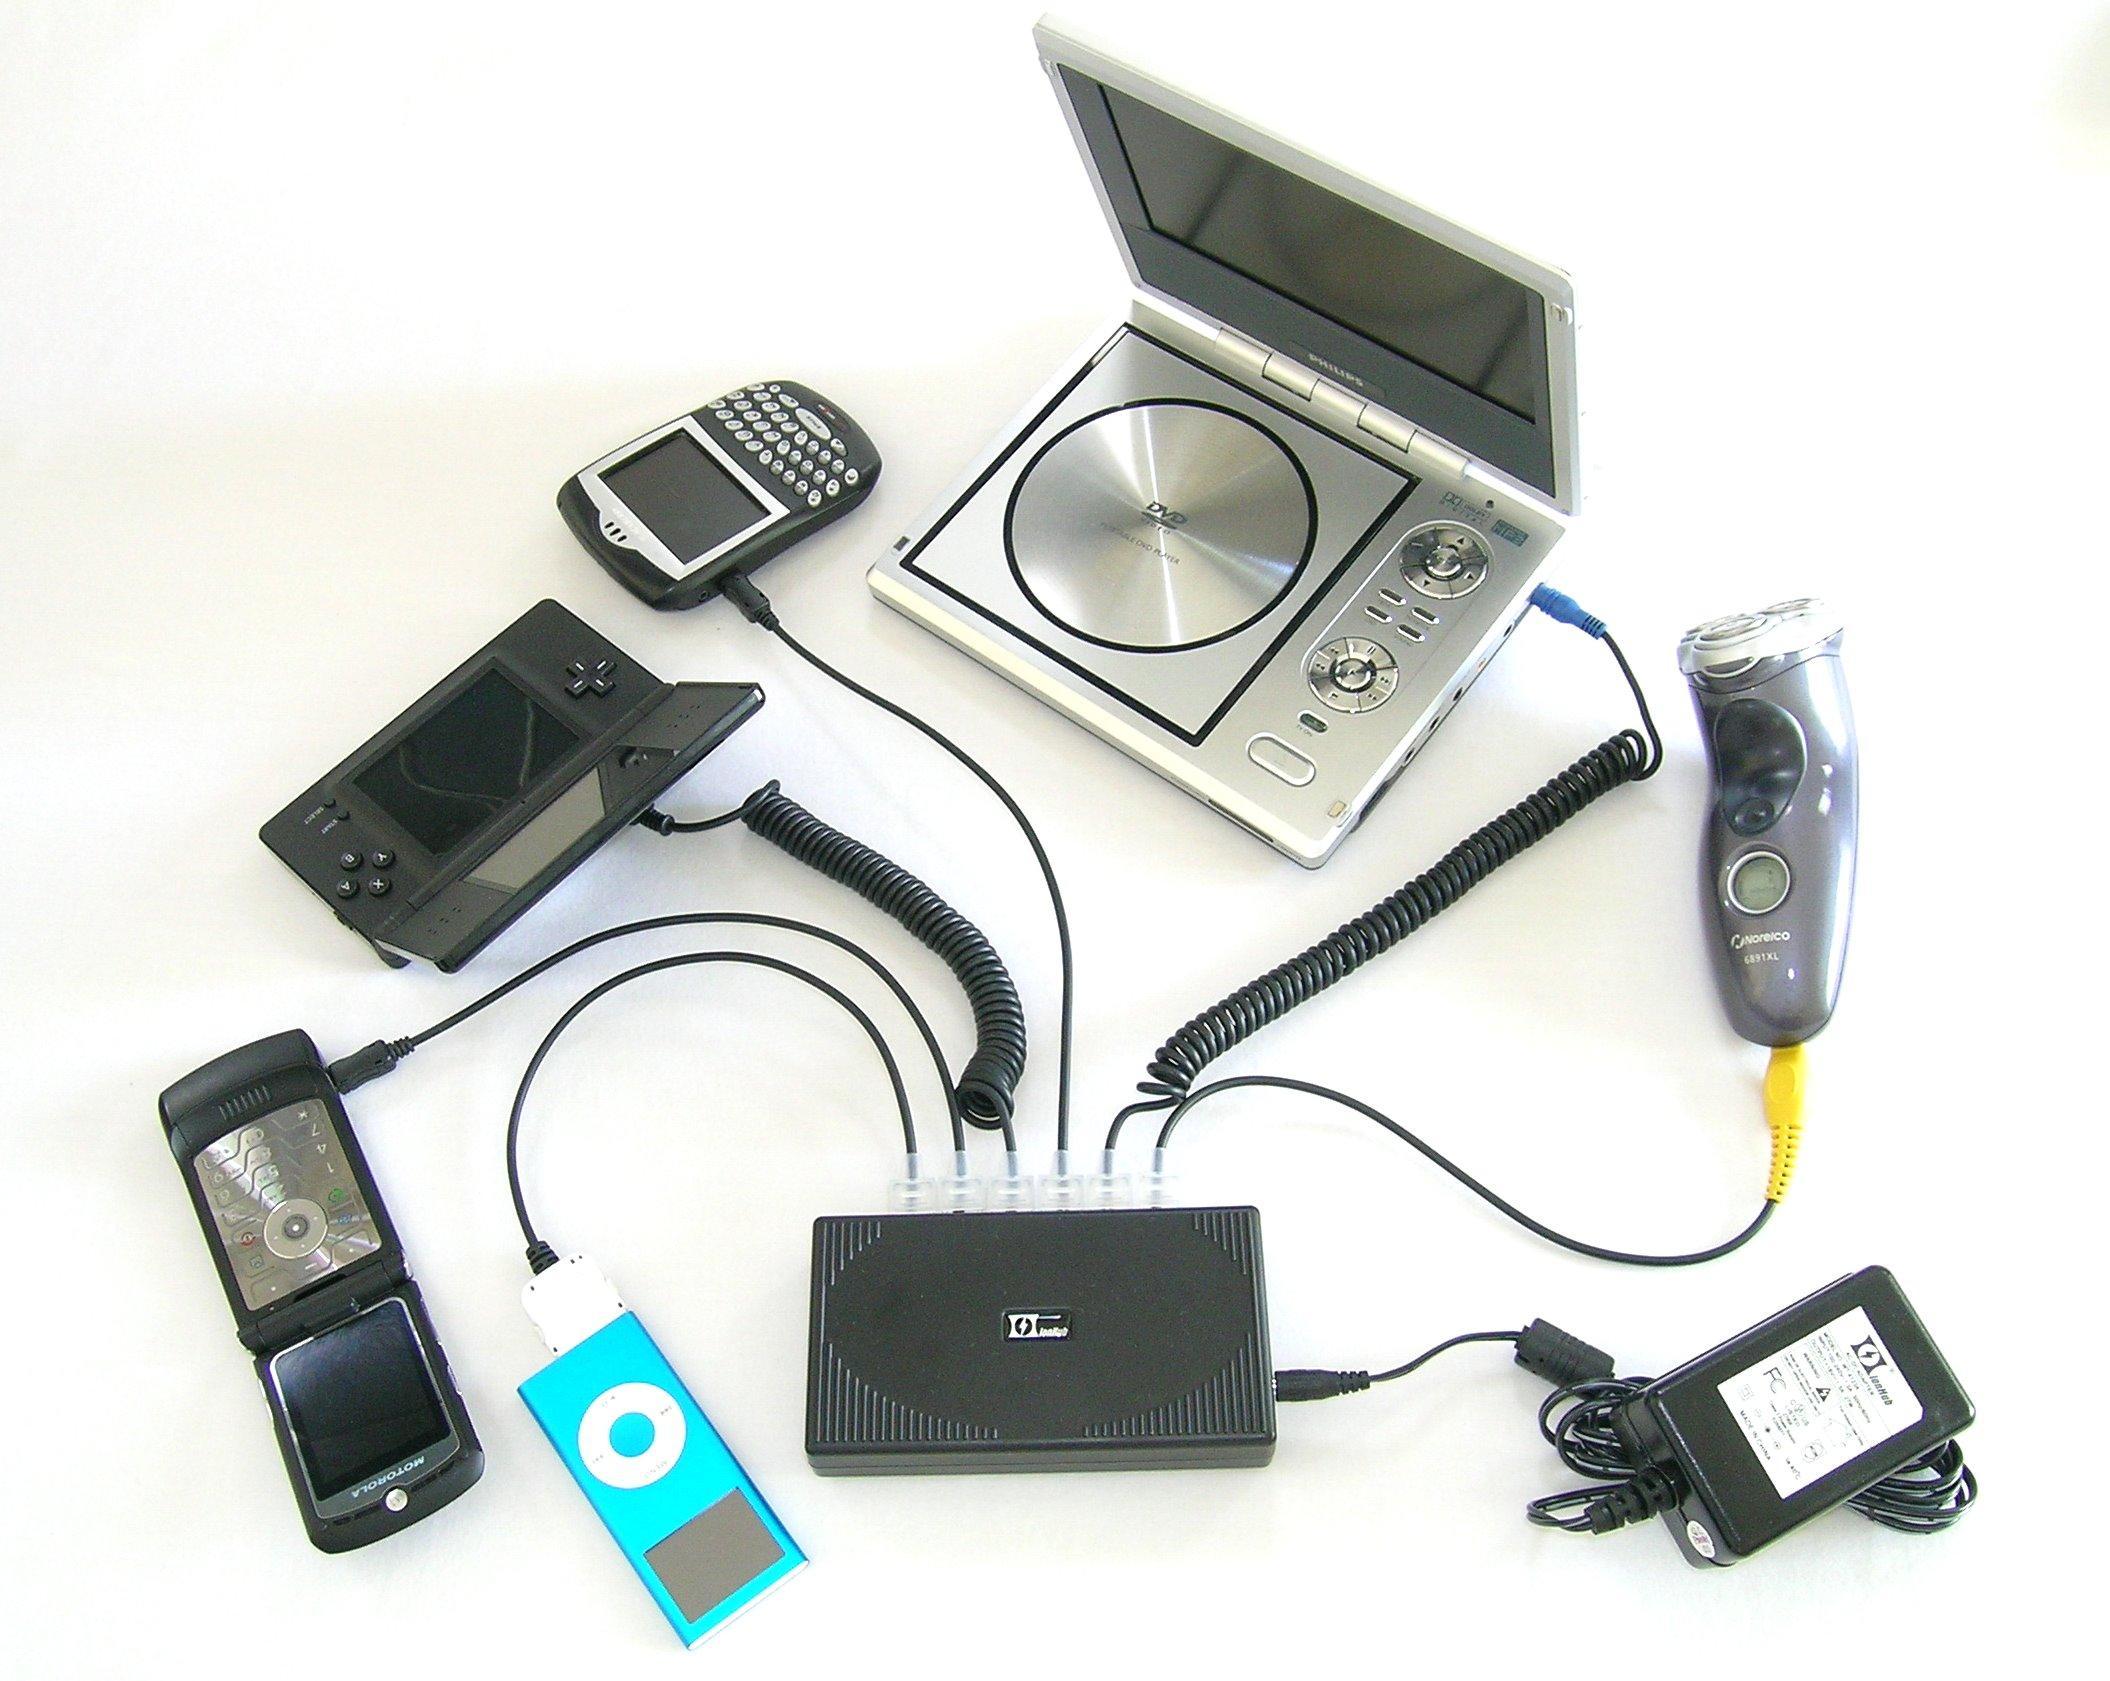 海淘如何选择电子产品网站及转运公司